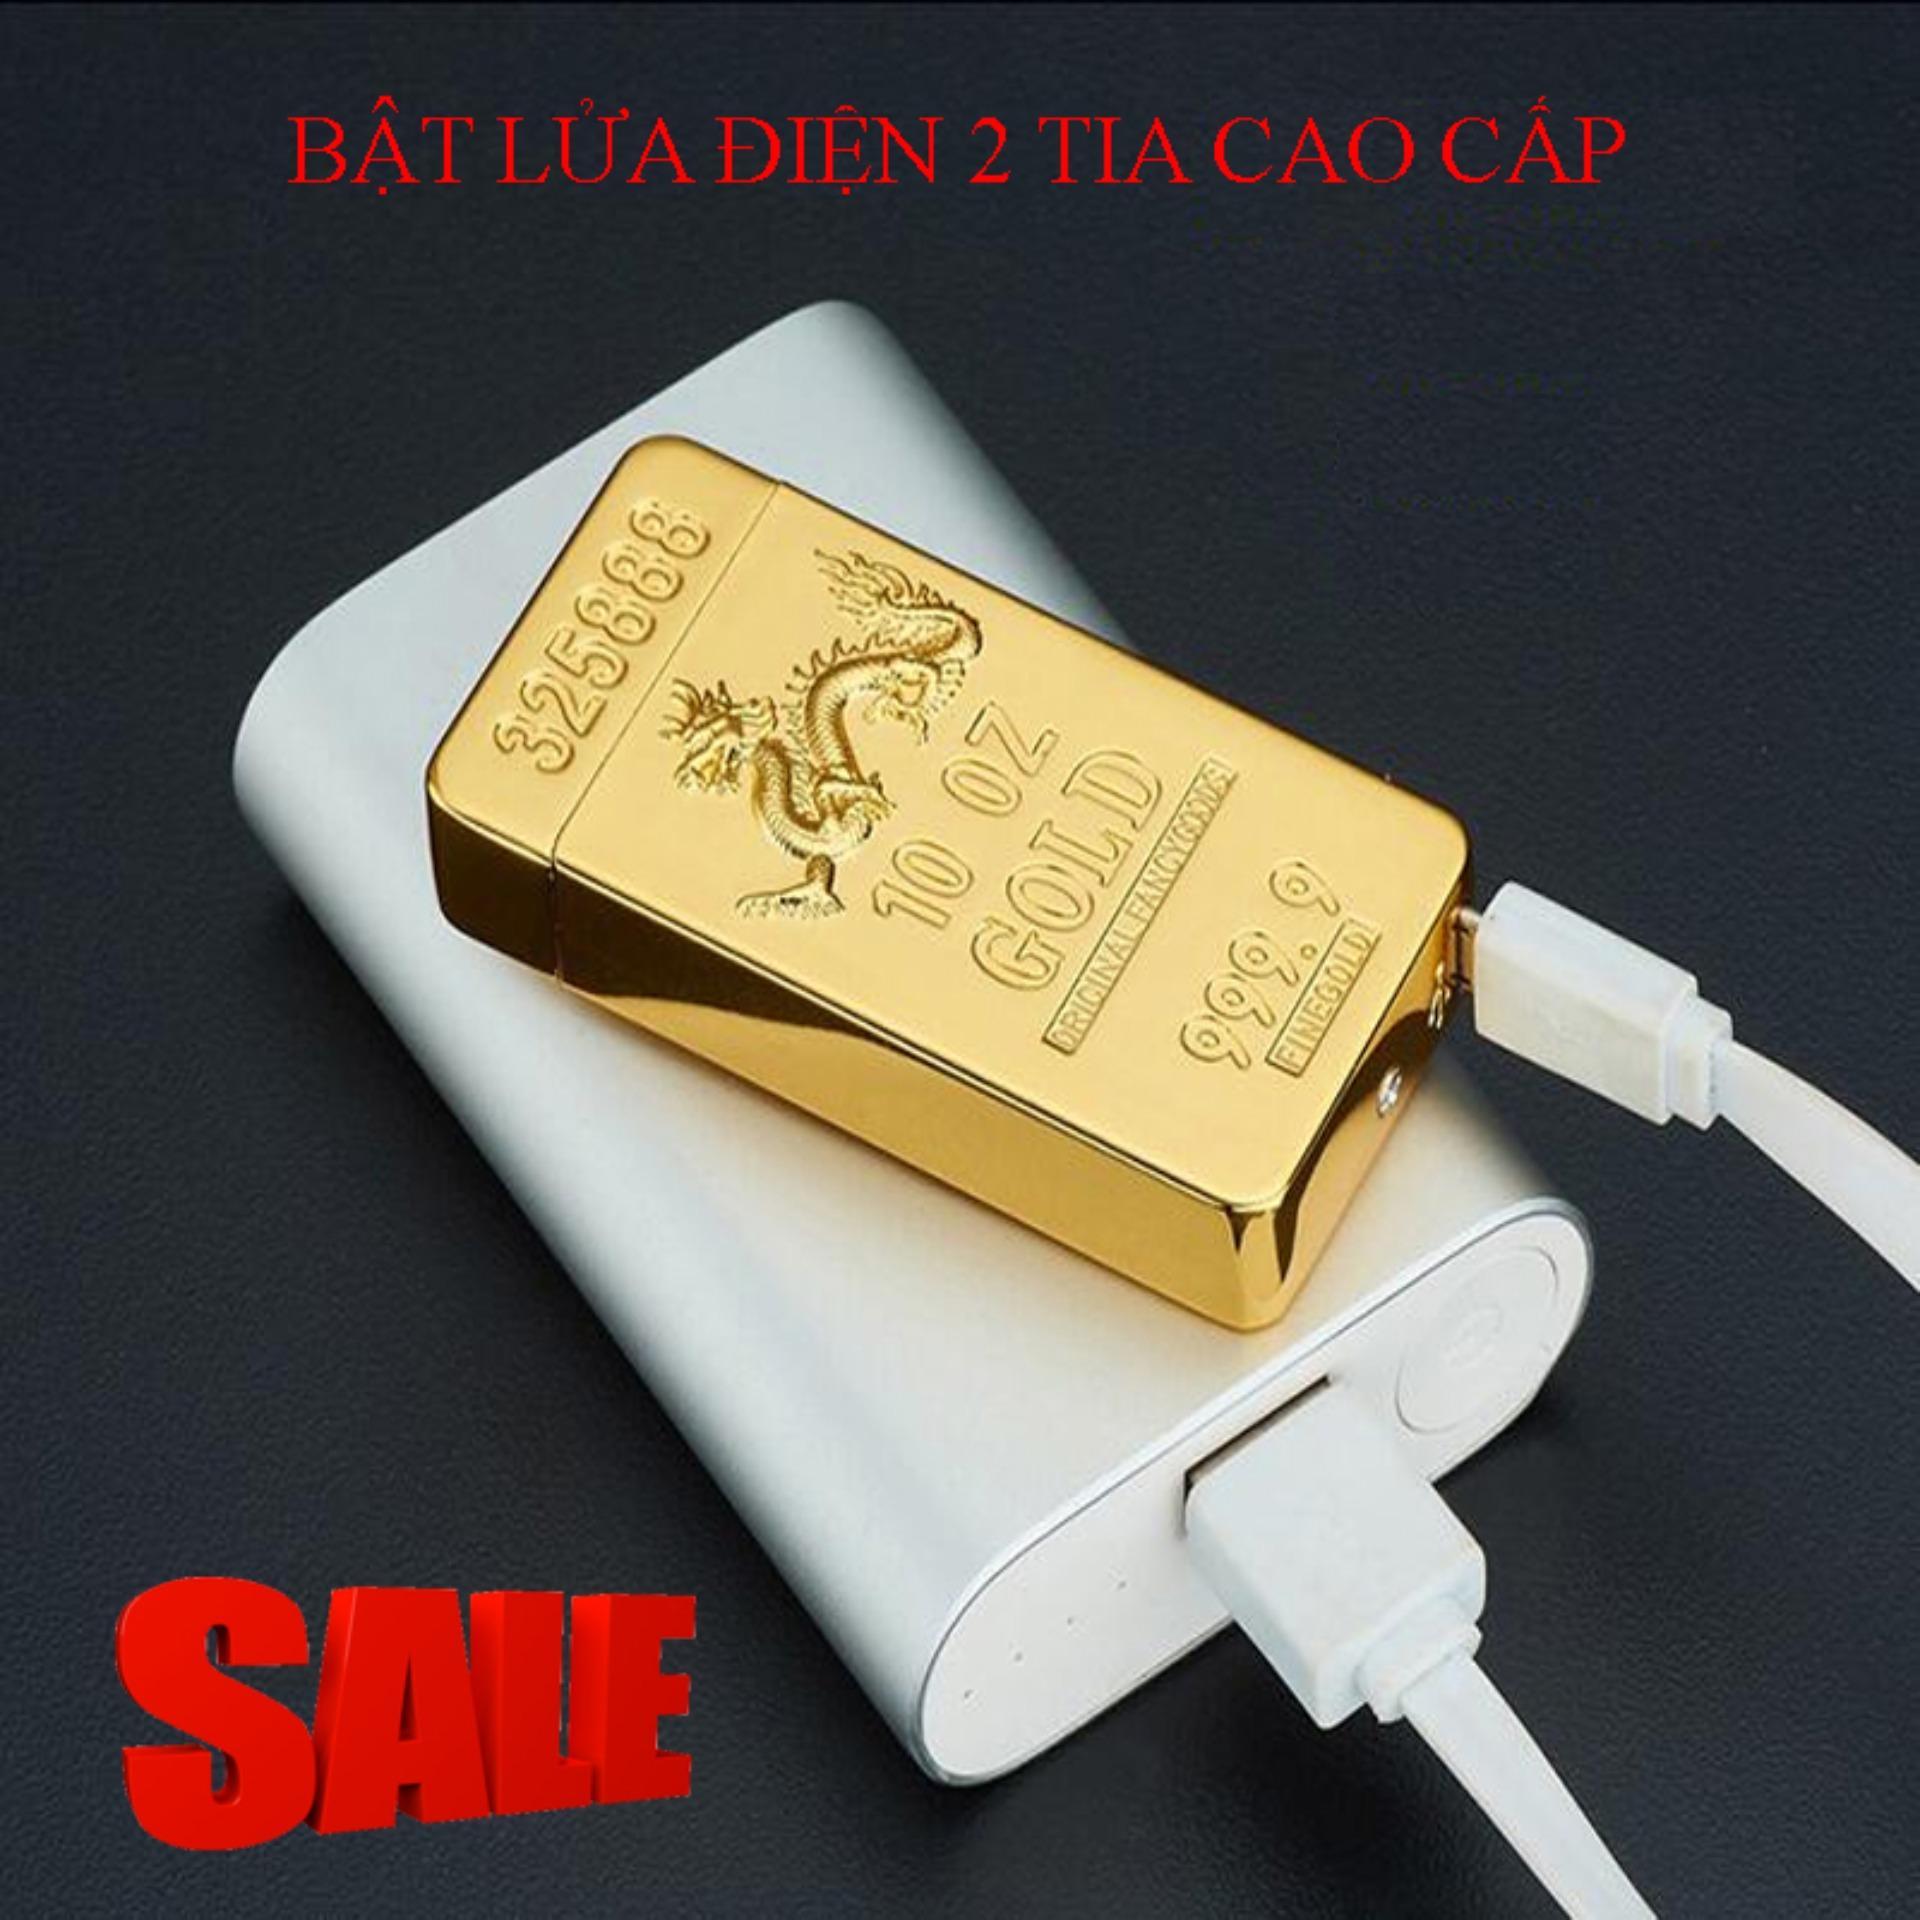 Hình ảnh Hướng Dẫn Bơm Gas Hộp Quẹt, Lam Bat Lua Dien - Mua Ngay Bật Lửa Điện 2 Tia Gold 325888 Cổng Usb, Chất Liệu Hợp Kim Chống Gỉ, Thiết Kế Độc Đáo